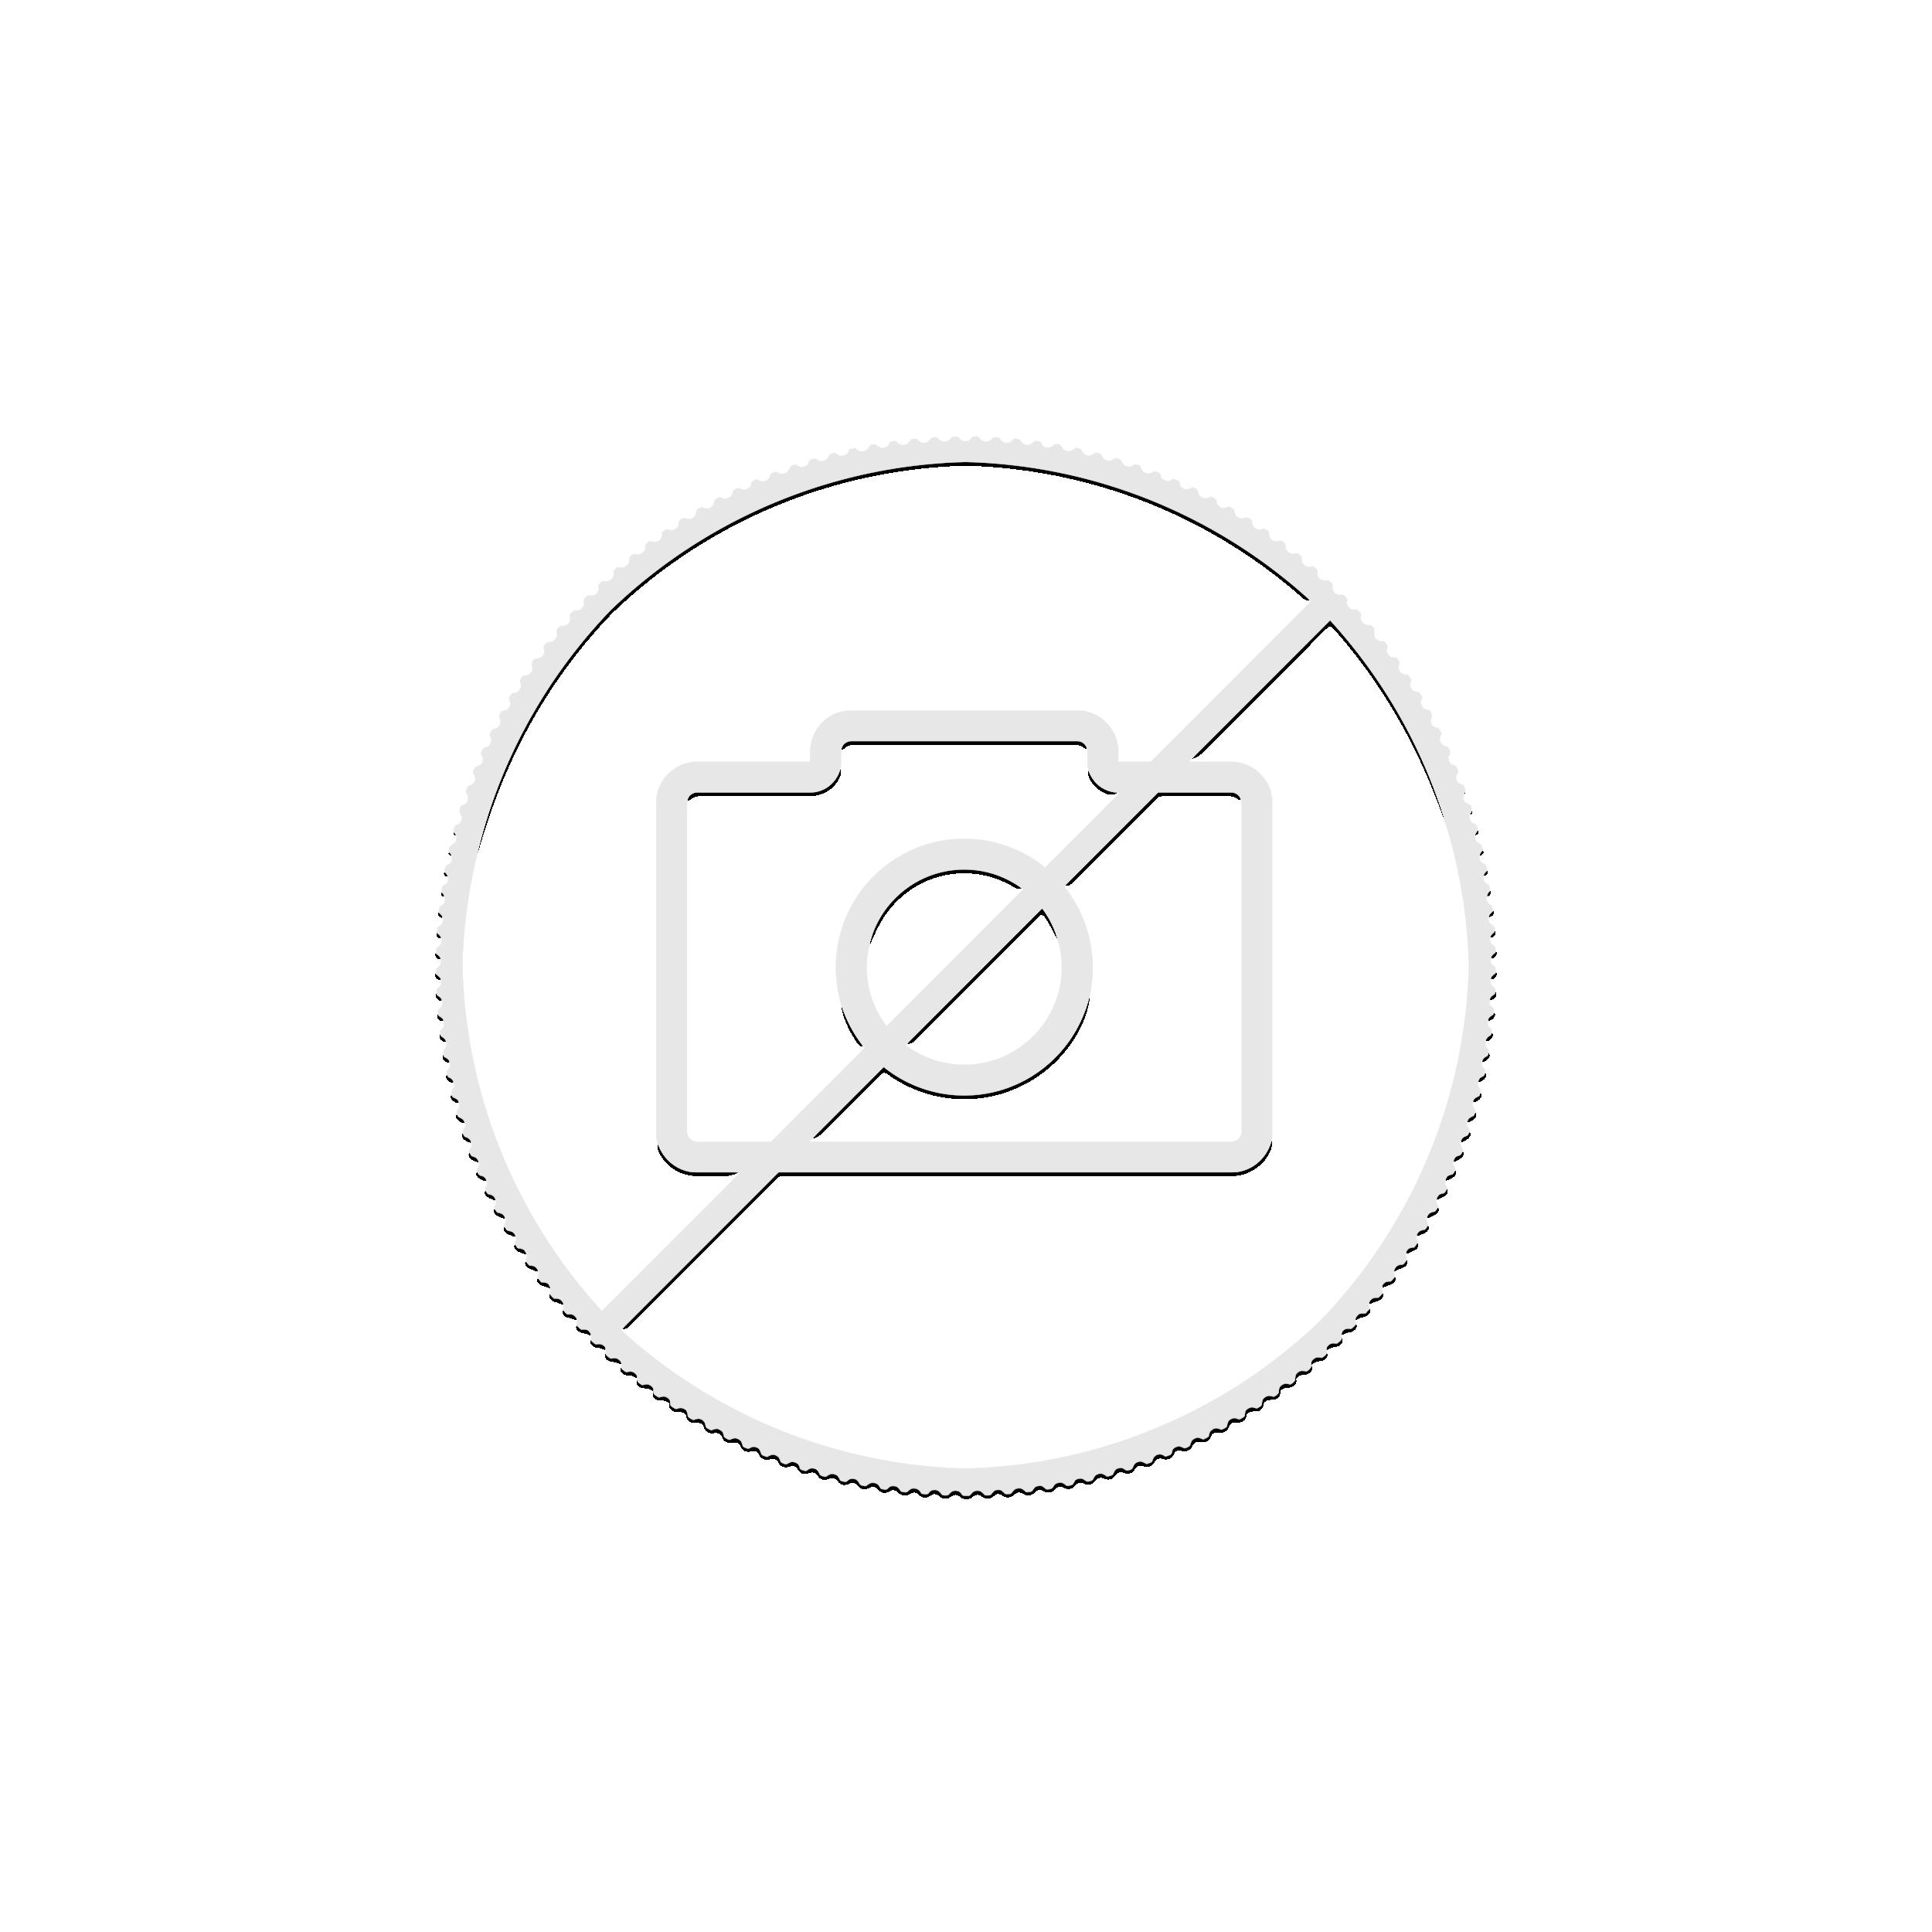 Zilveren munt ijsberen 2020 - Canada-serie